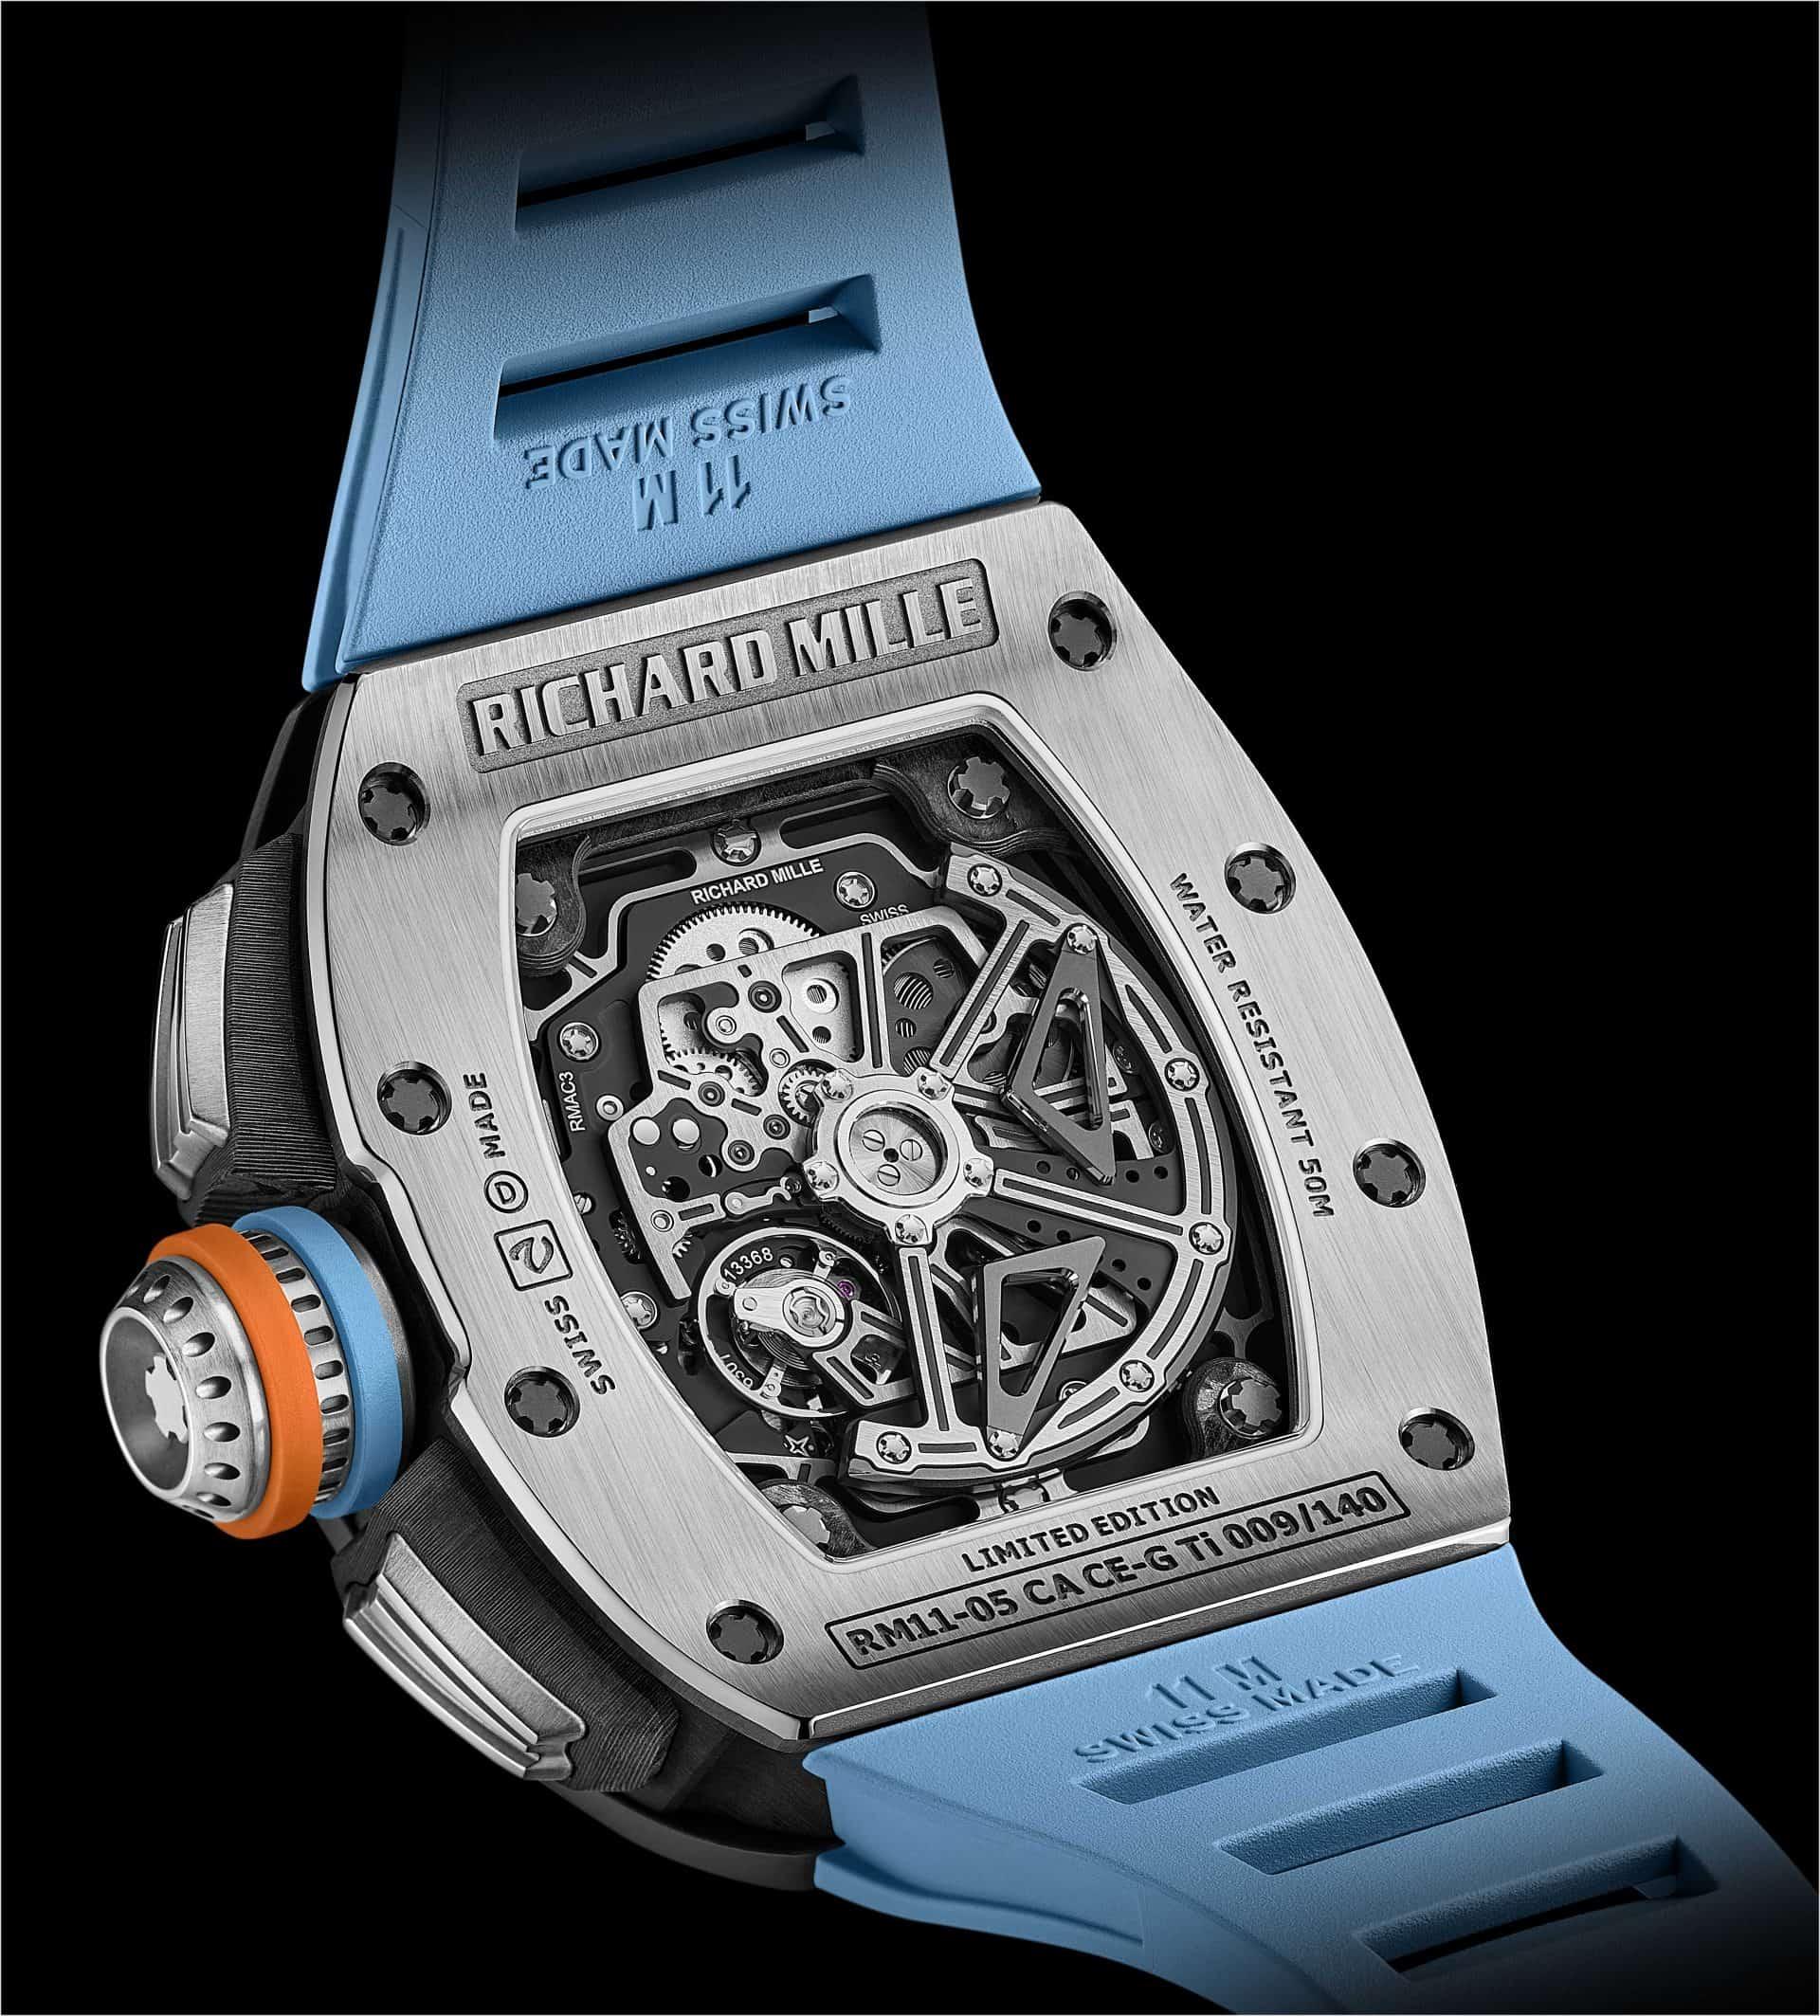 Das Uhrwerk der Richard Mille RM 11-05 Automatic Flyback Chronograph GMT